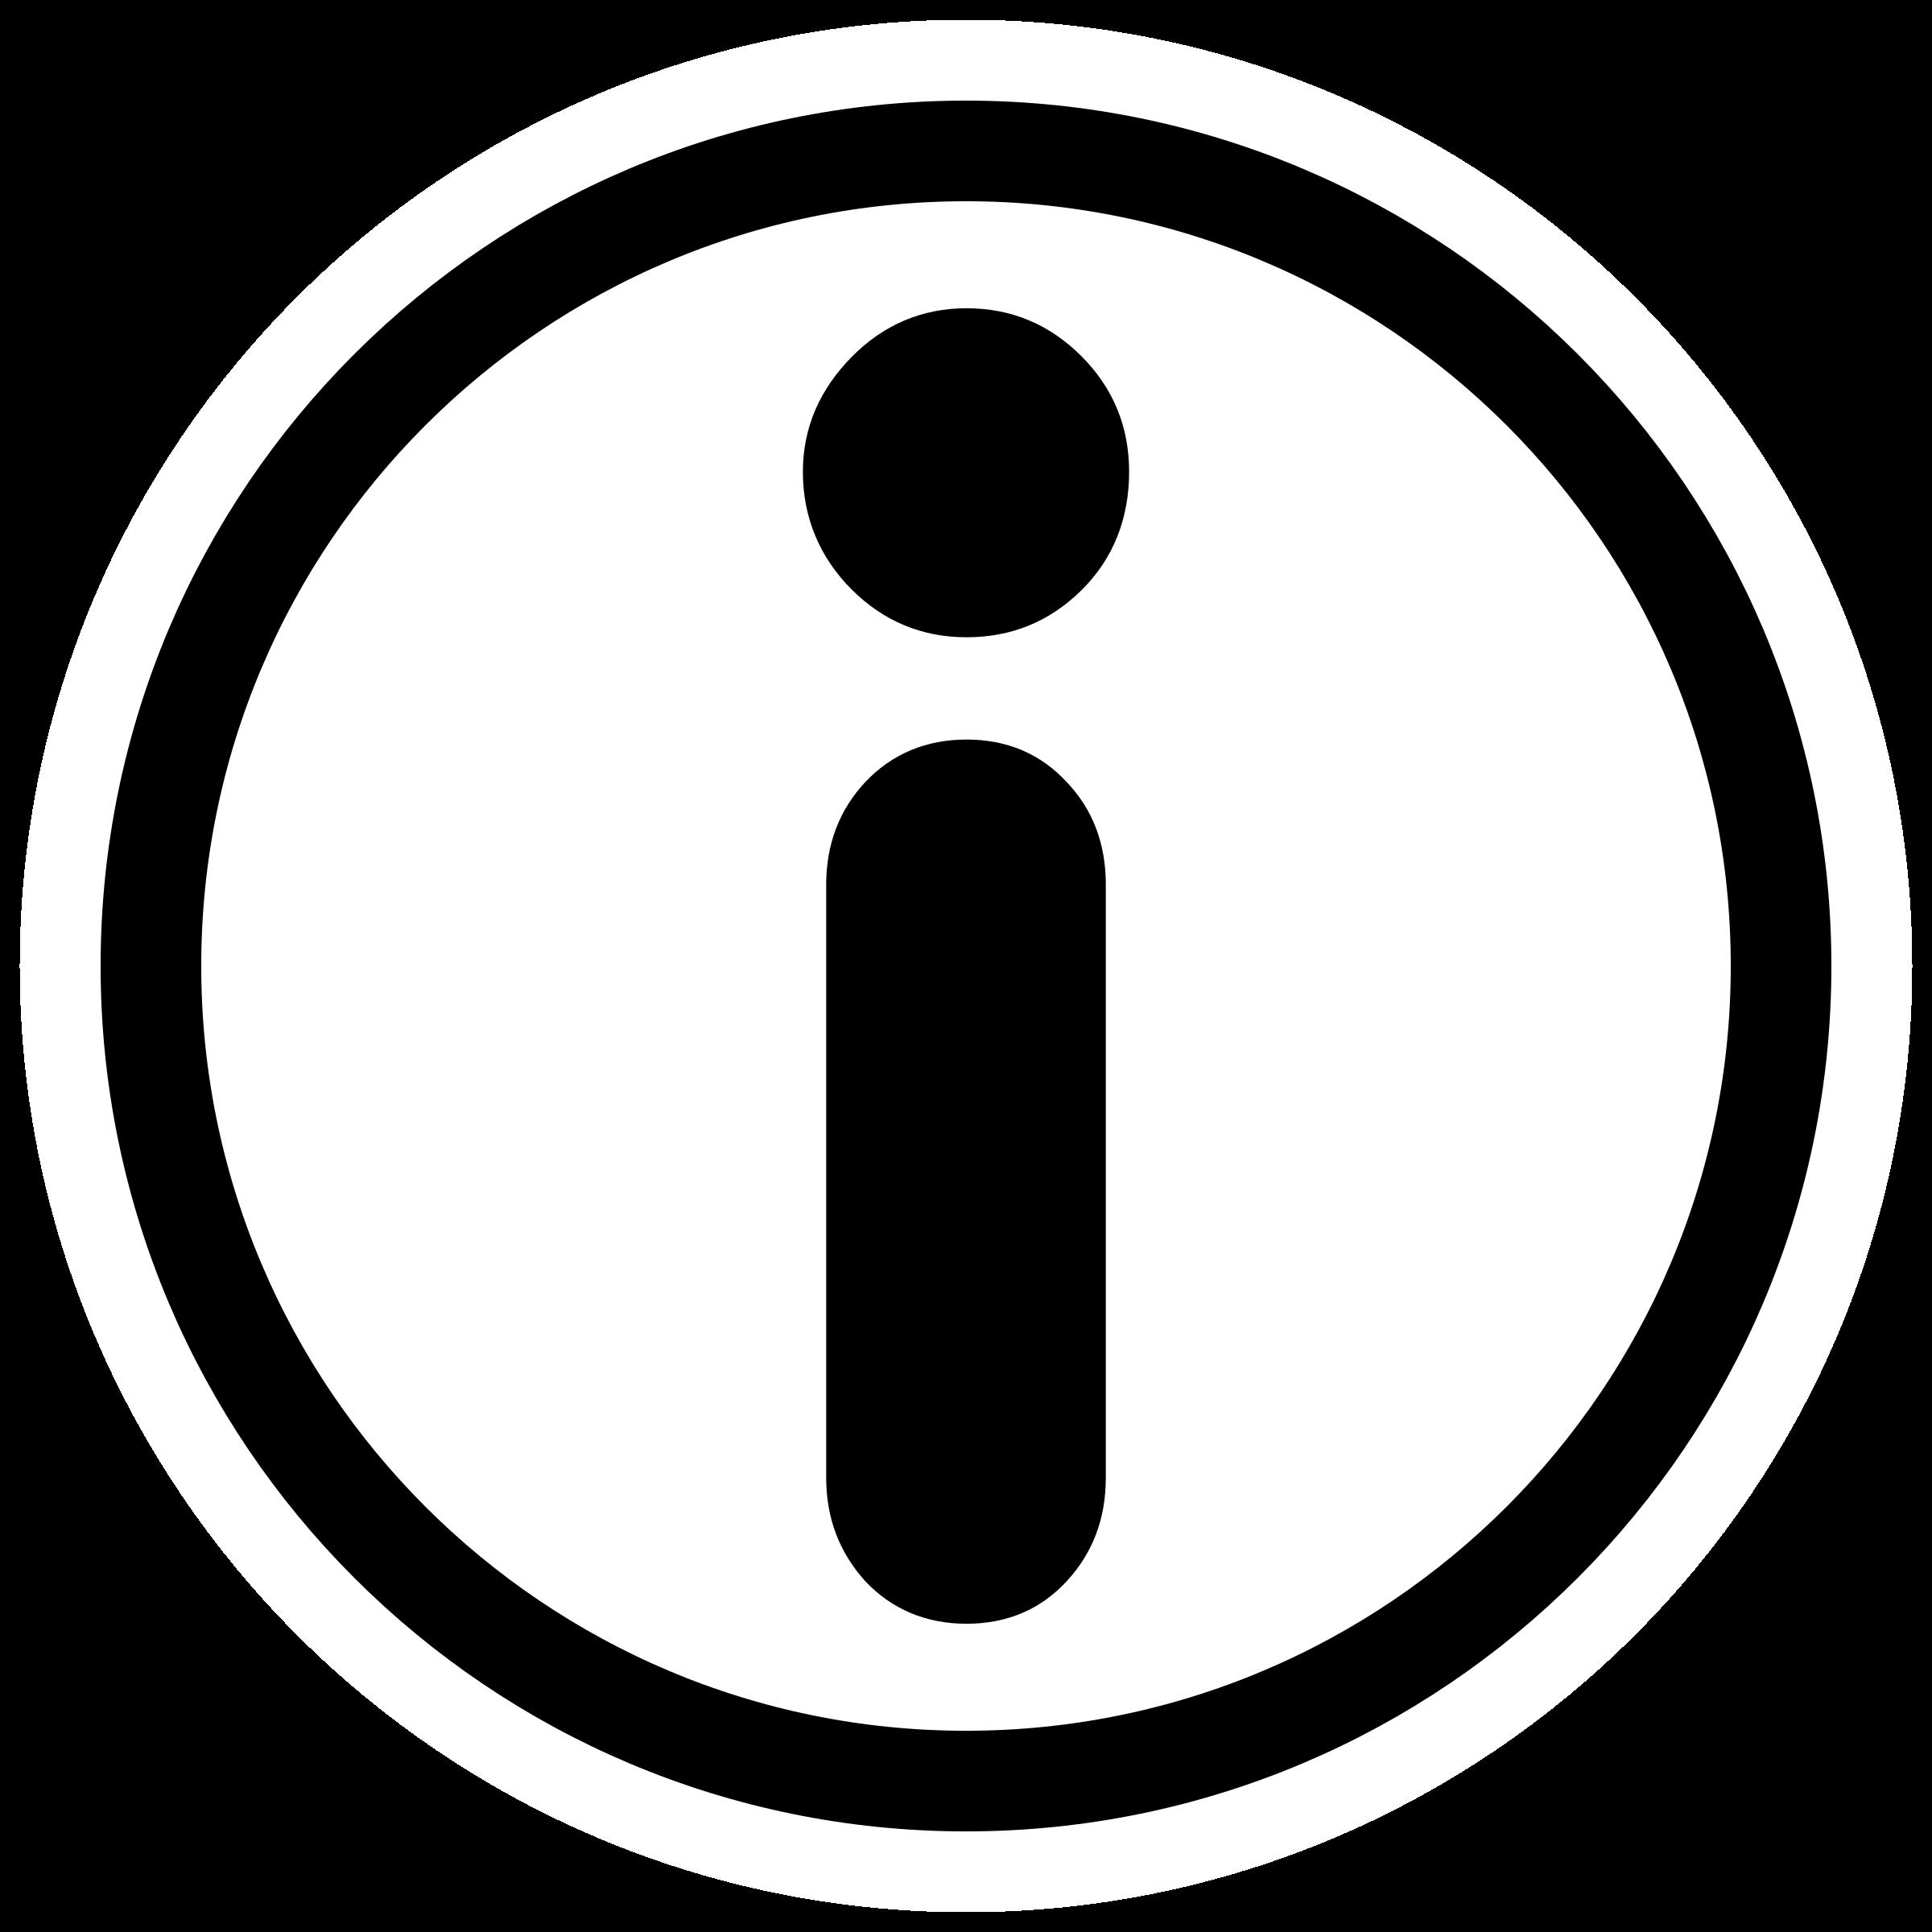 mono-gnome-info